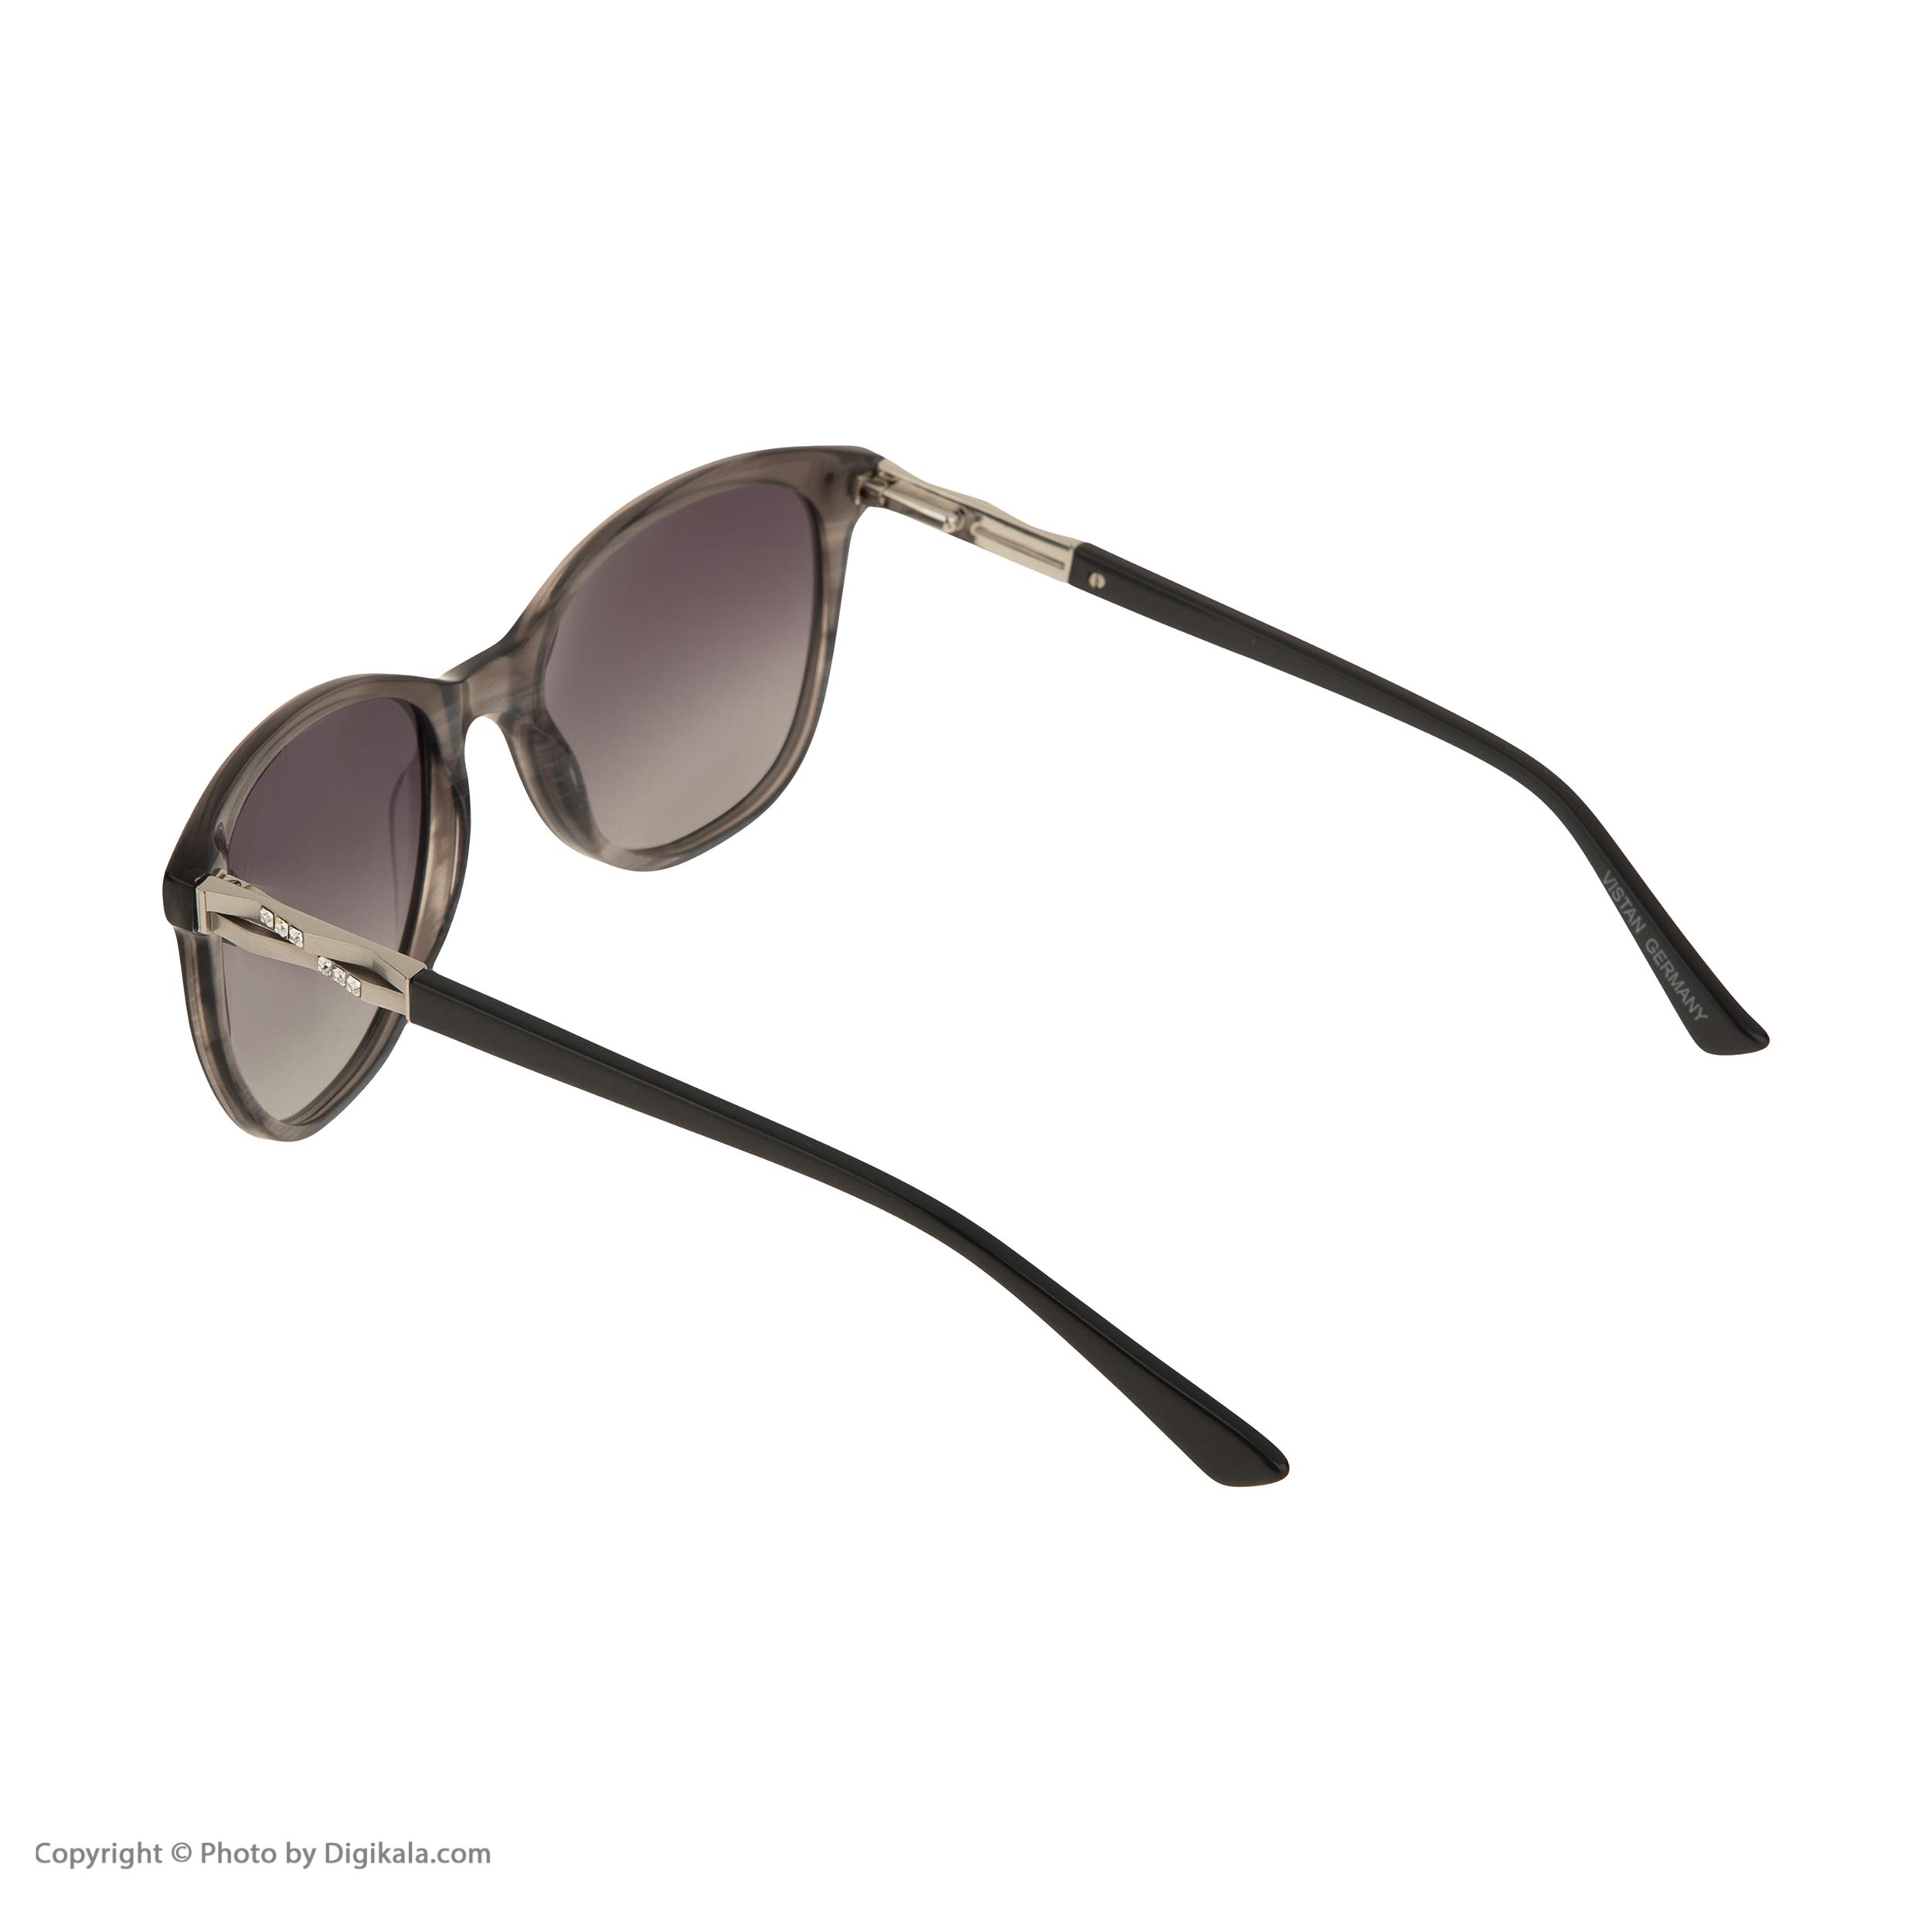 عینک آفتابی زنانه ویستان مدل 7998002 -  - 3